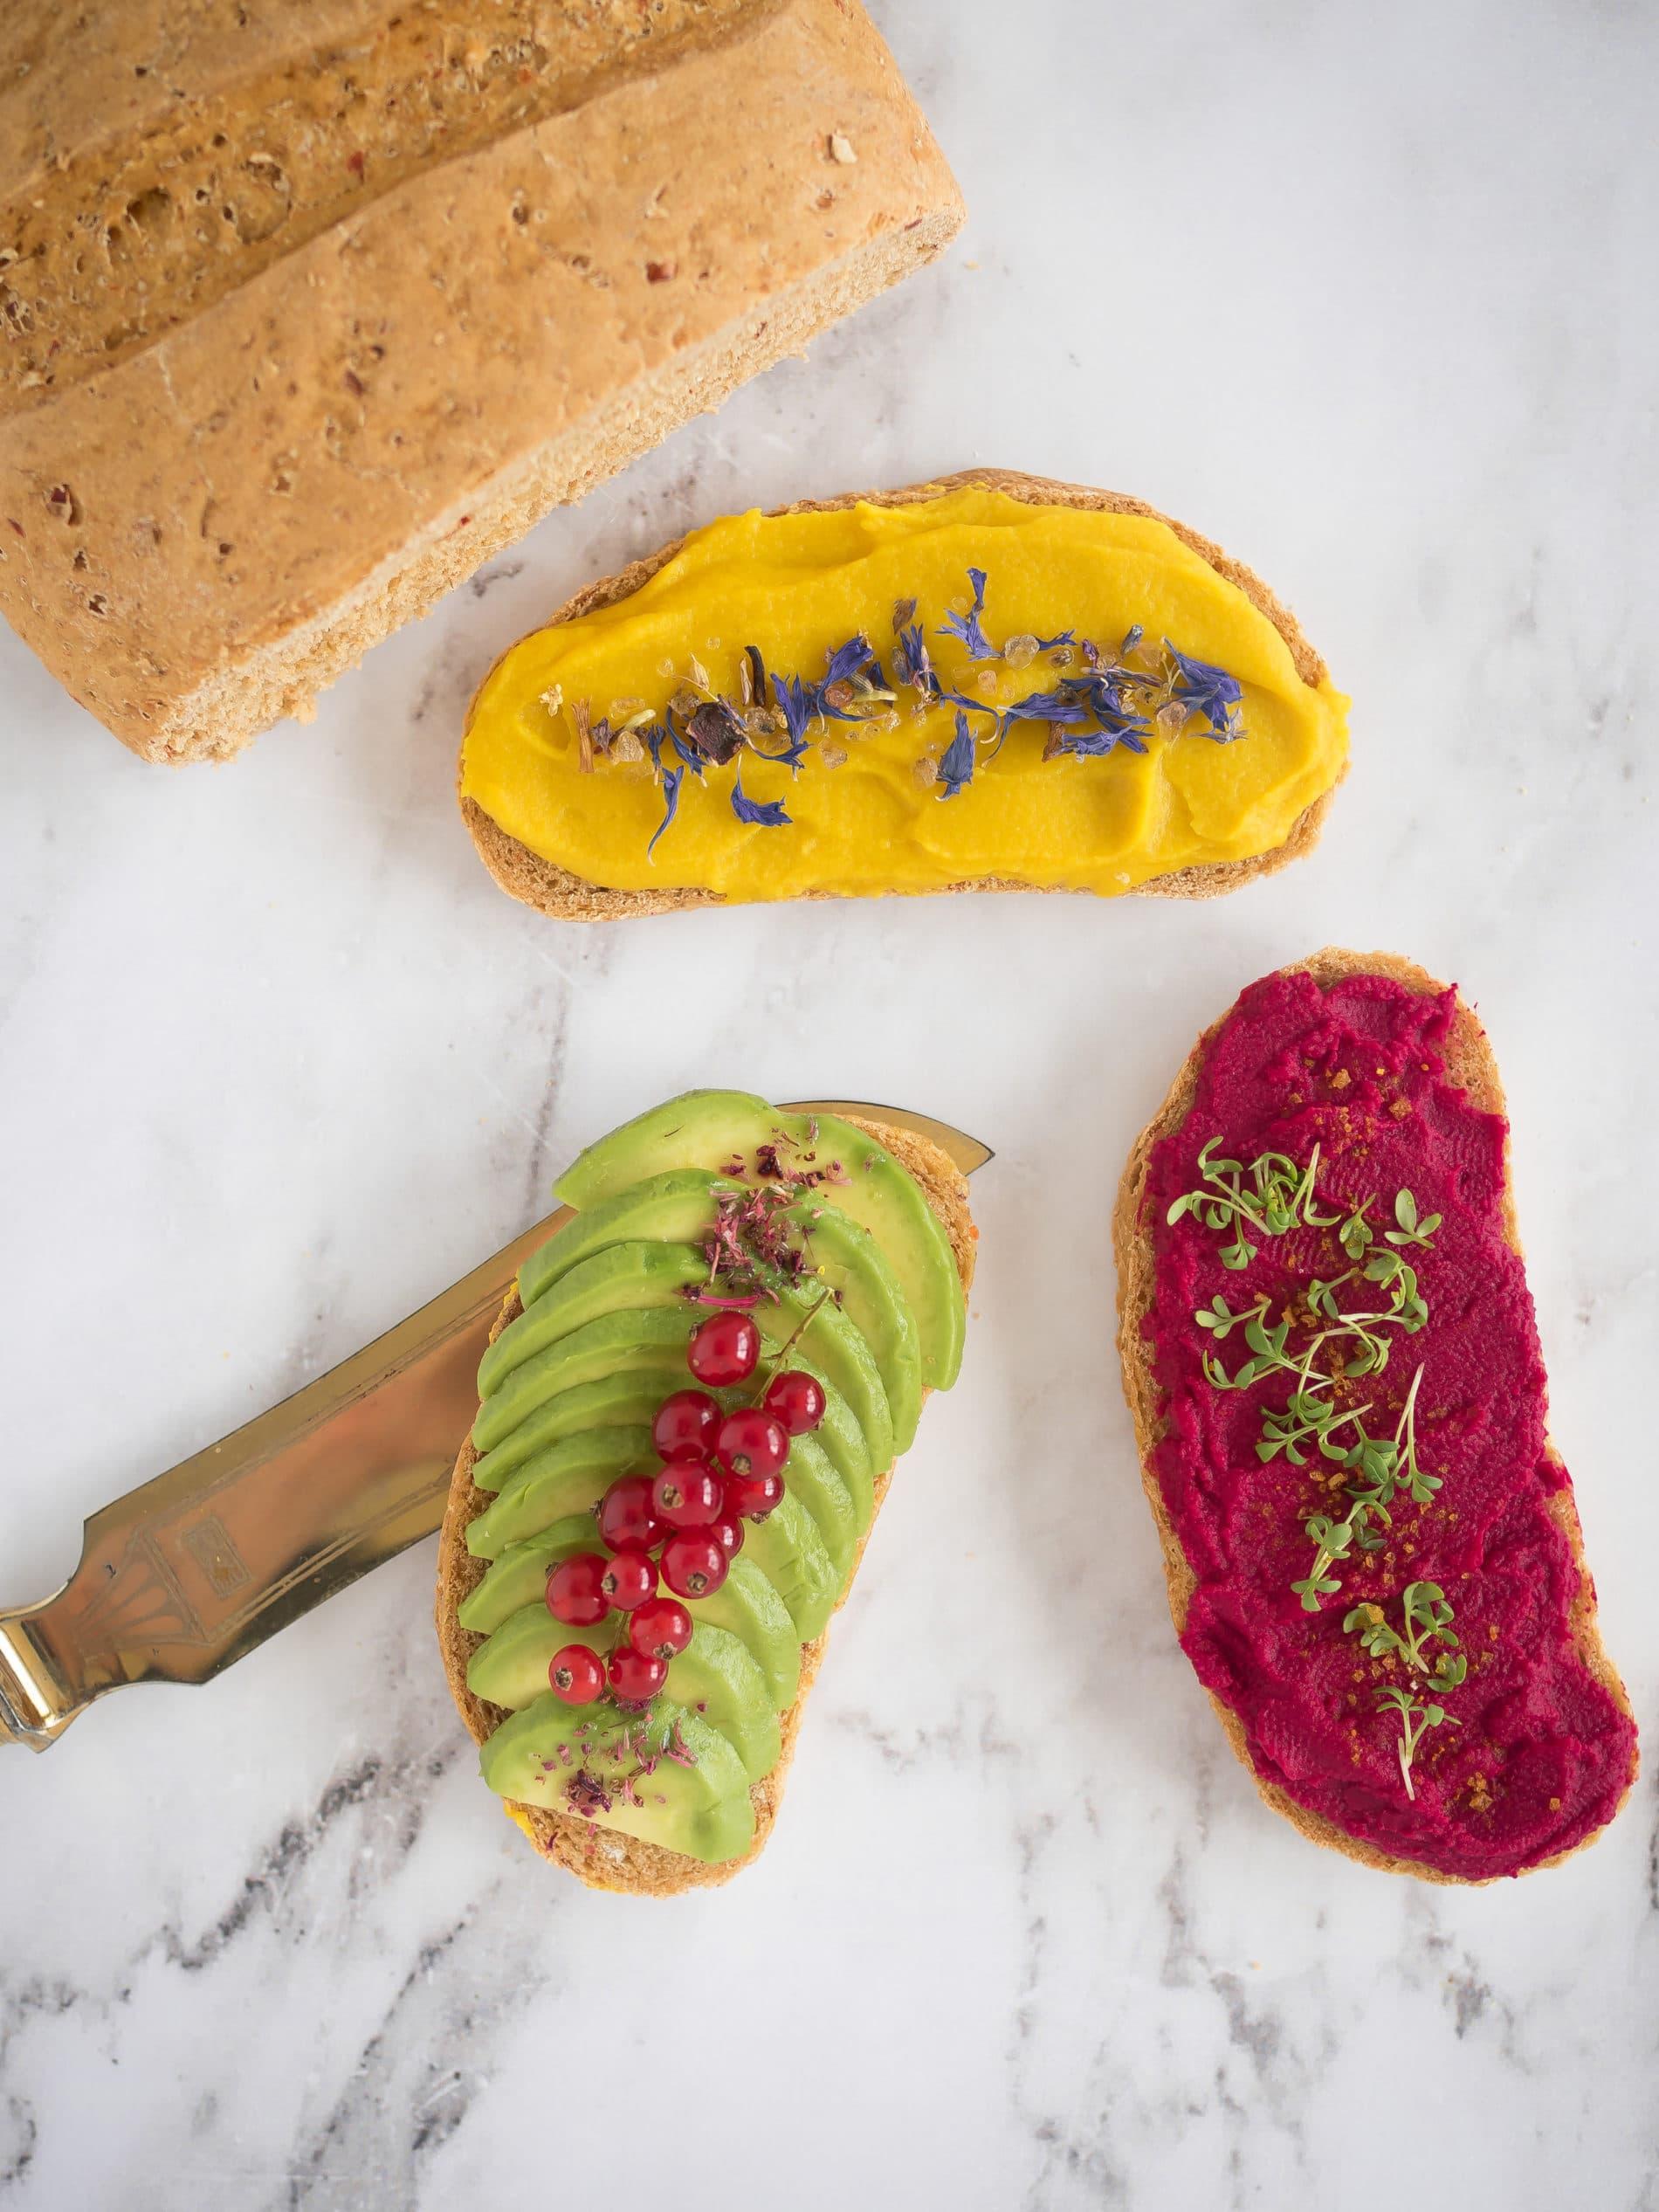 Meisterliches Brot von Meisterwerk mit zweierlei Hummus